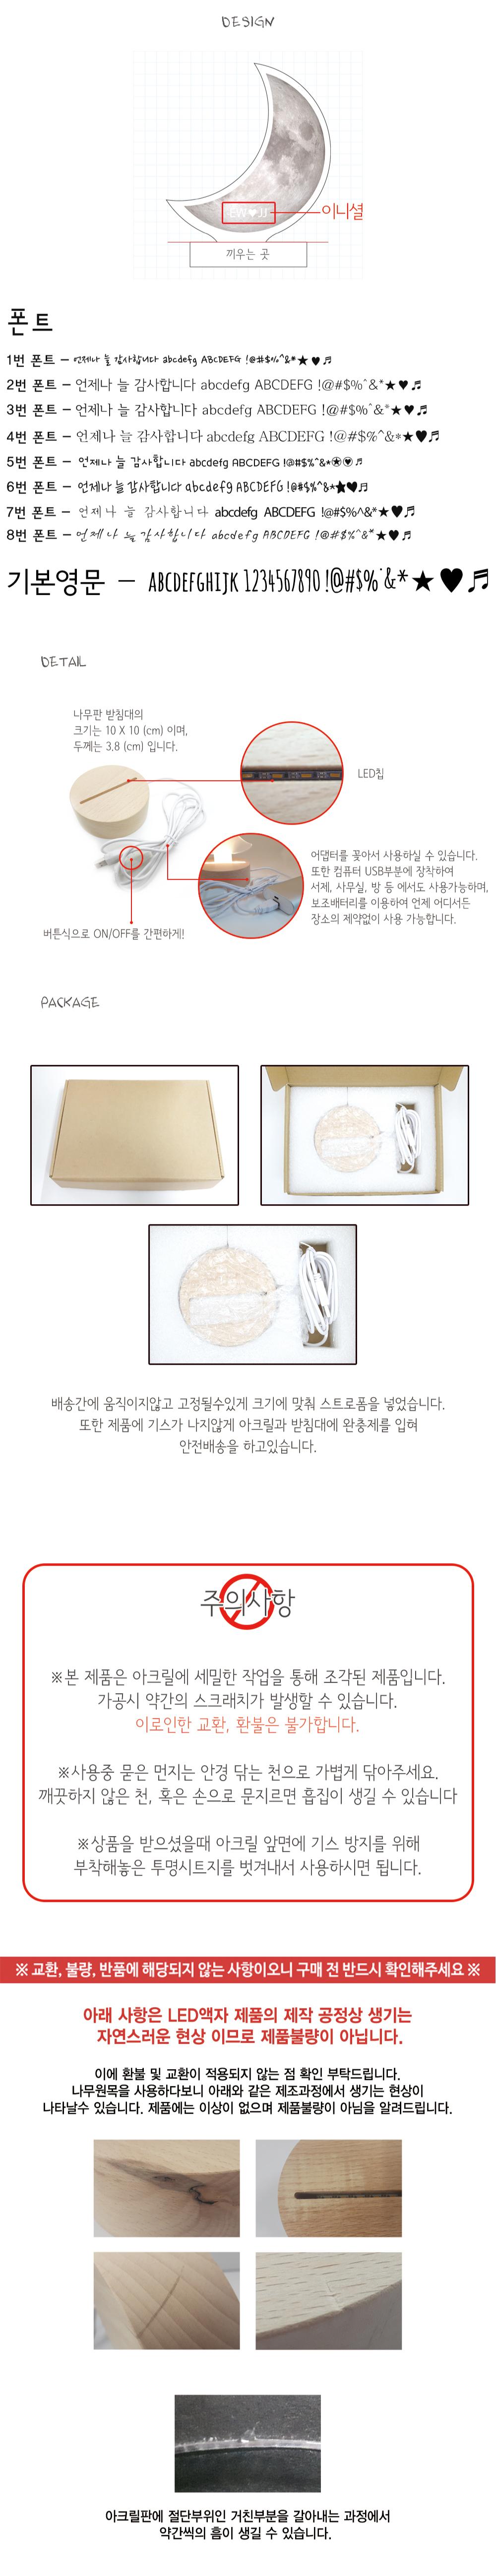 초승달 이니셜 아크릴 액자 - 패턴아트, 25,000원, 디자인조명, 아크릴 무드등